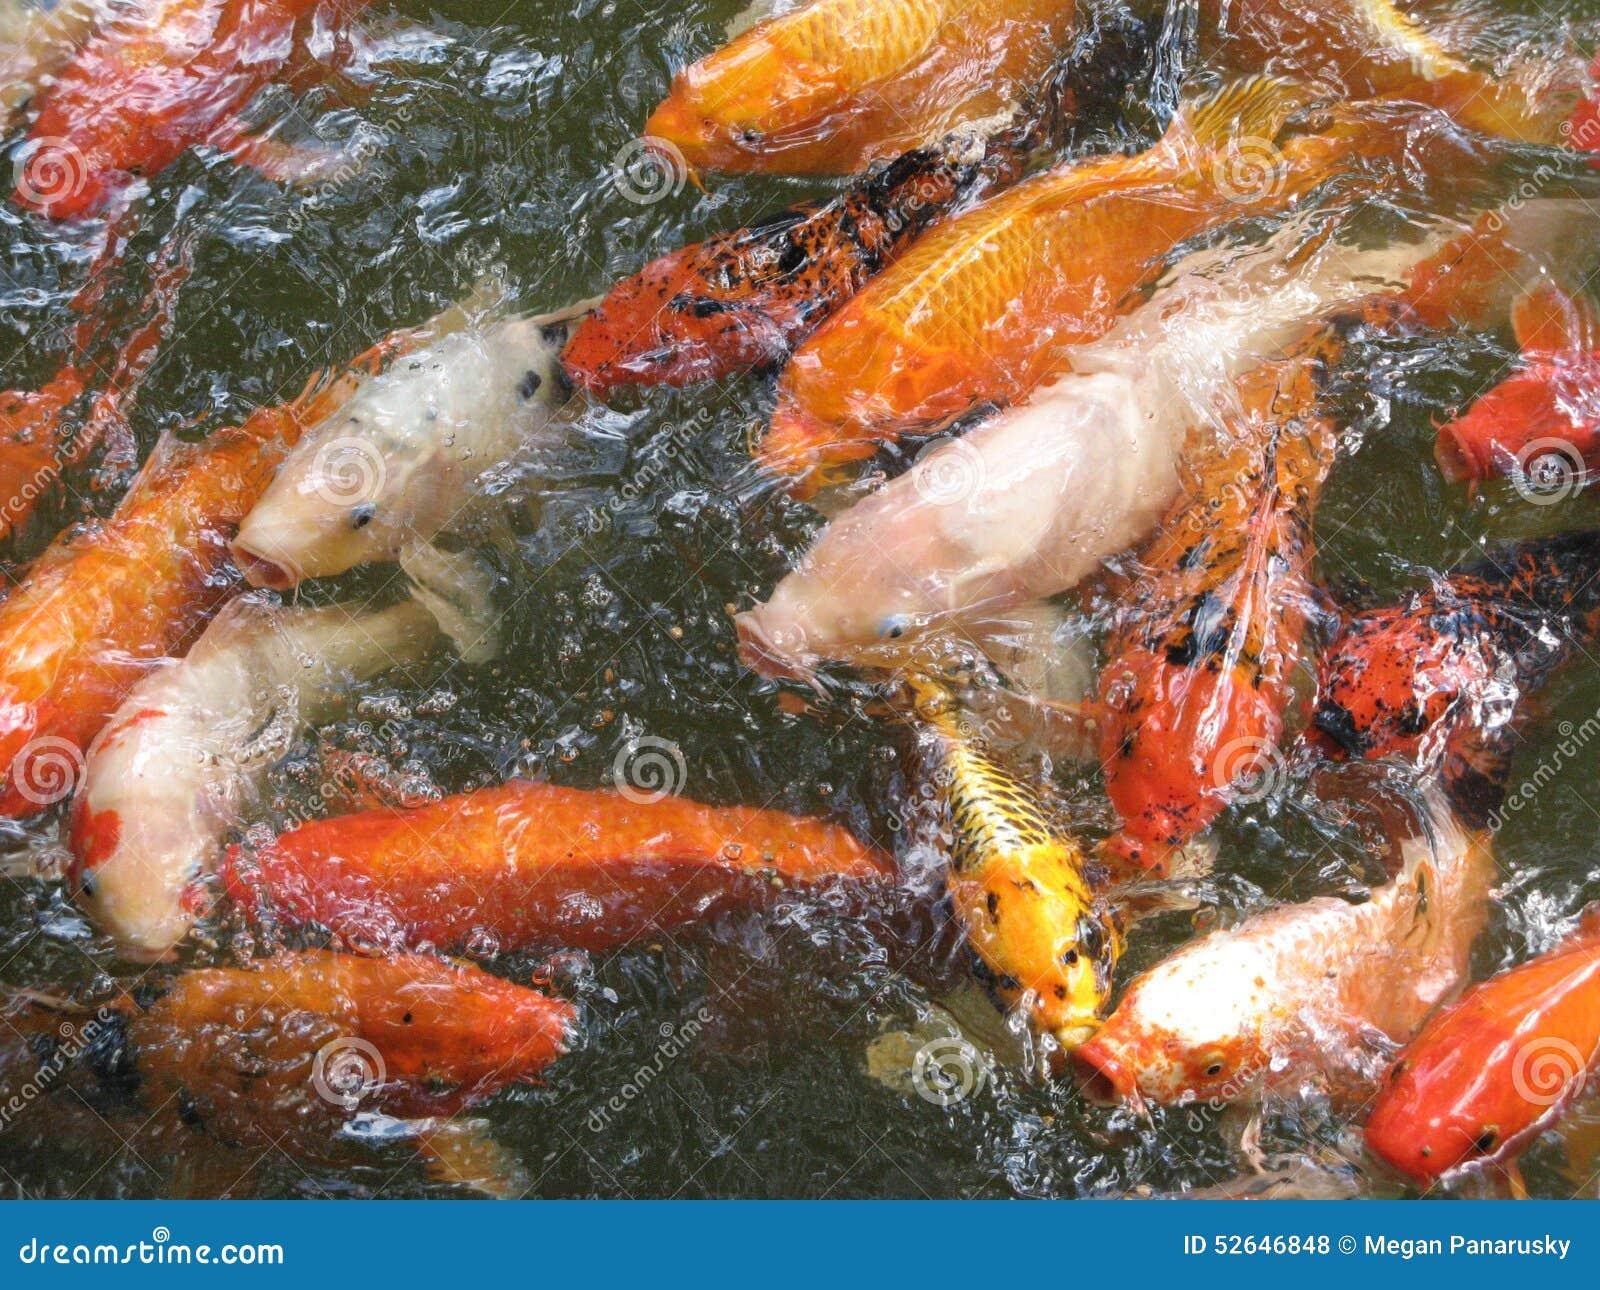 Feeding Koi Stock Photo Image 52646848